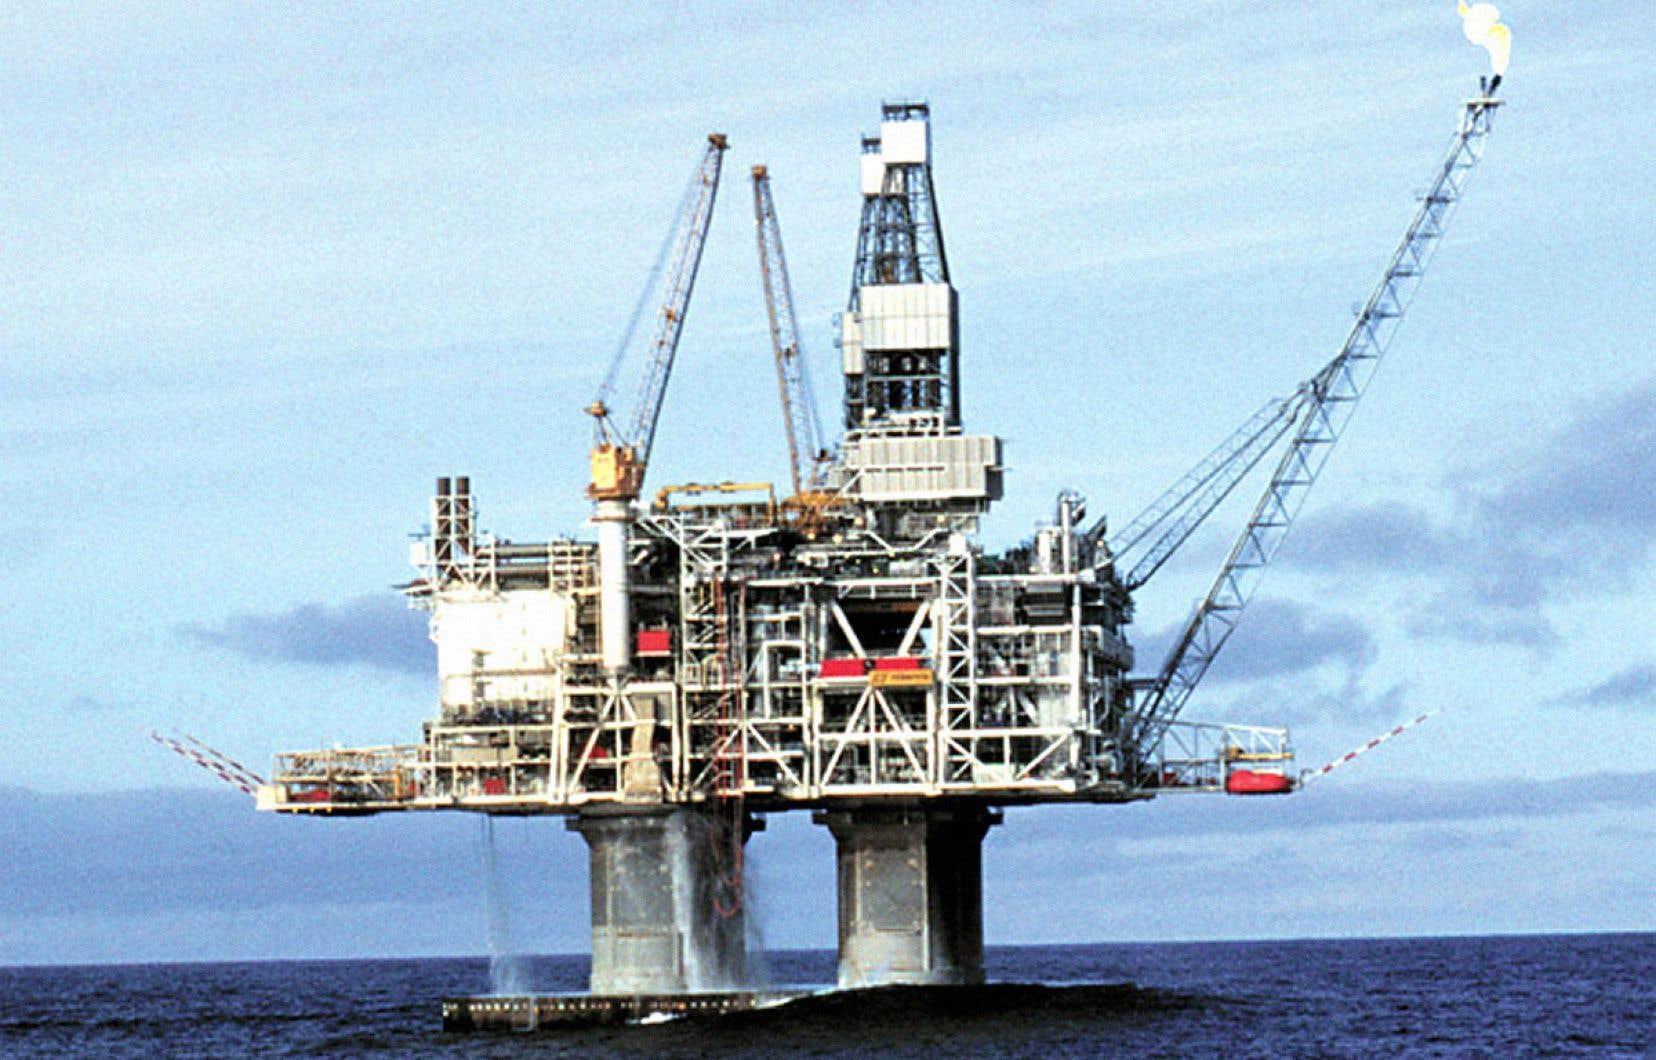 La plateforme Hibernia, située à 315km à l'est de Saint-Jean de Terre-Neuve, est entrée en production en 1997.